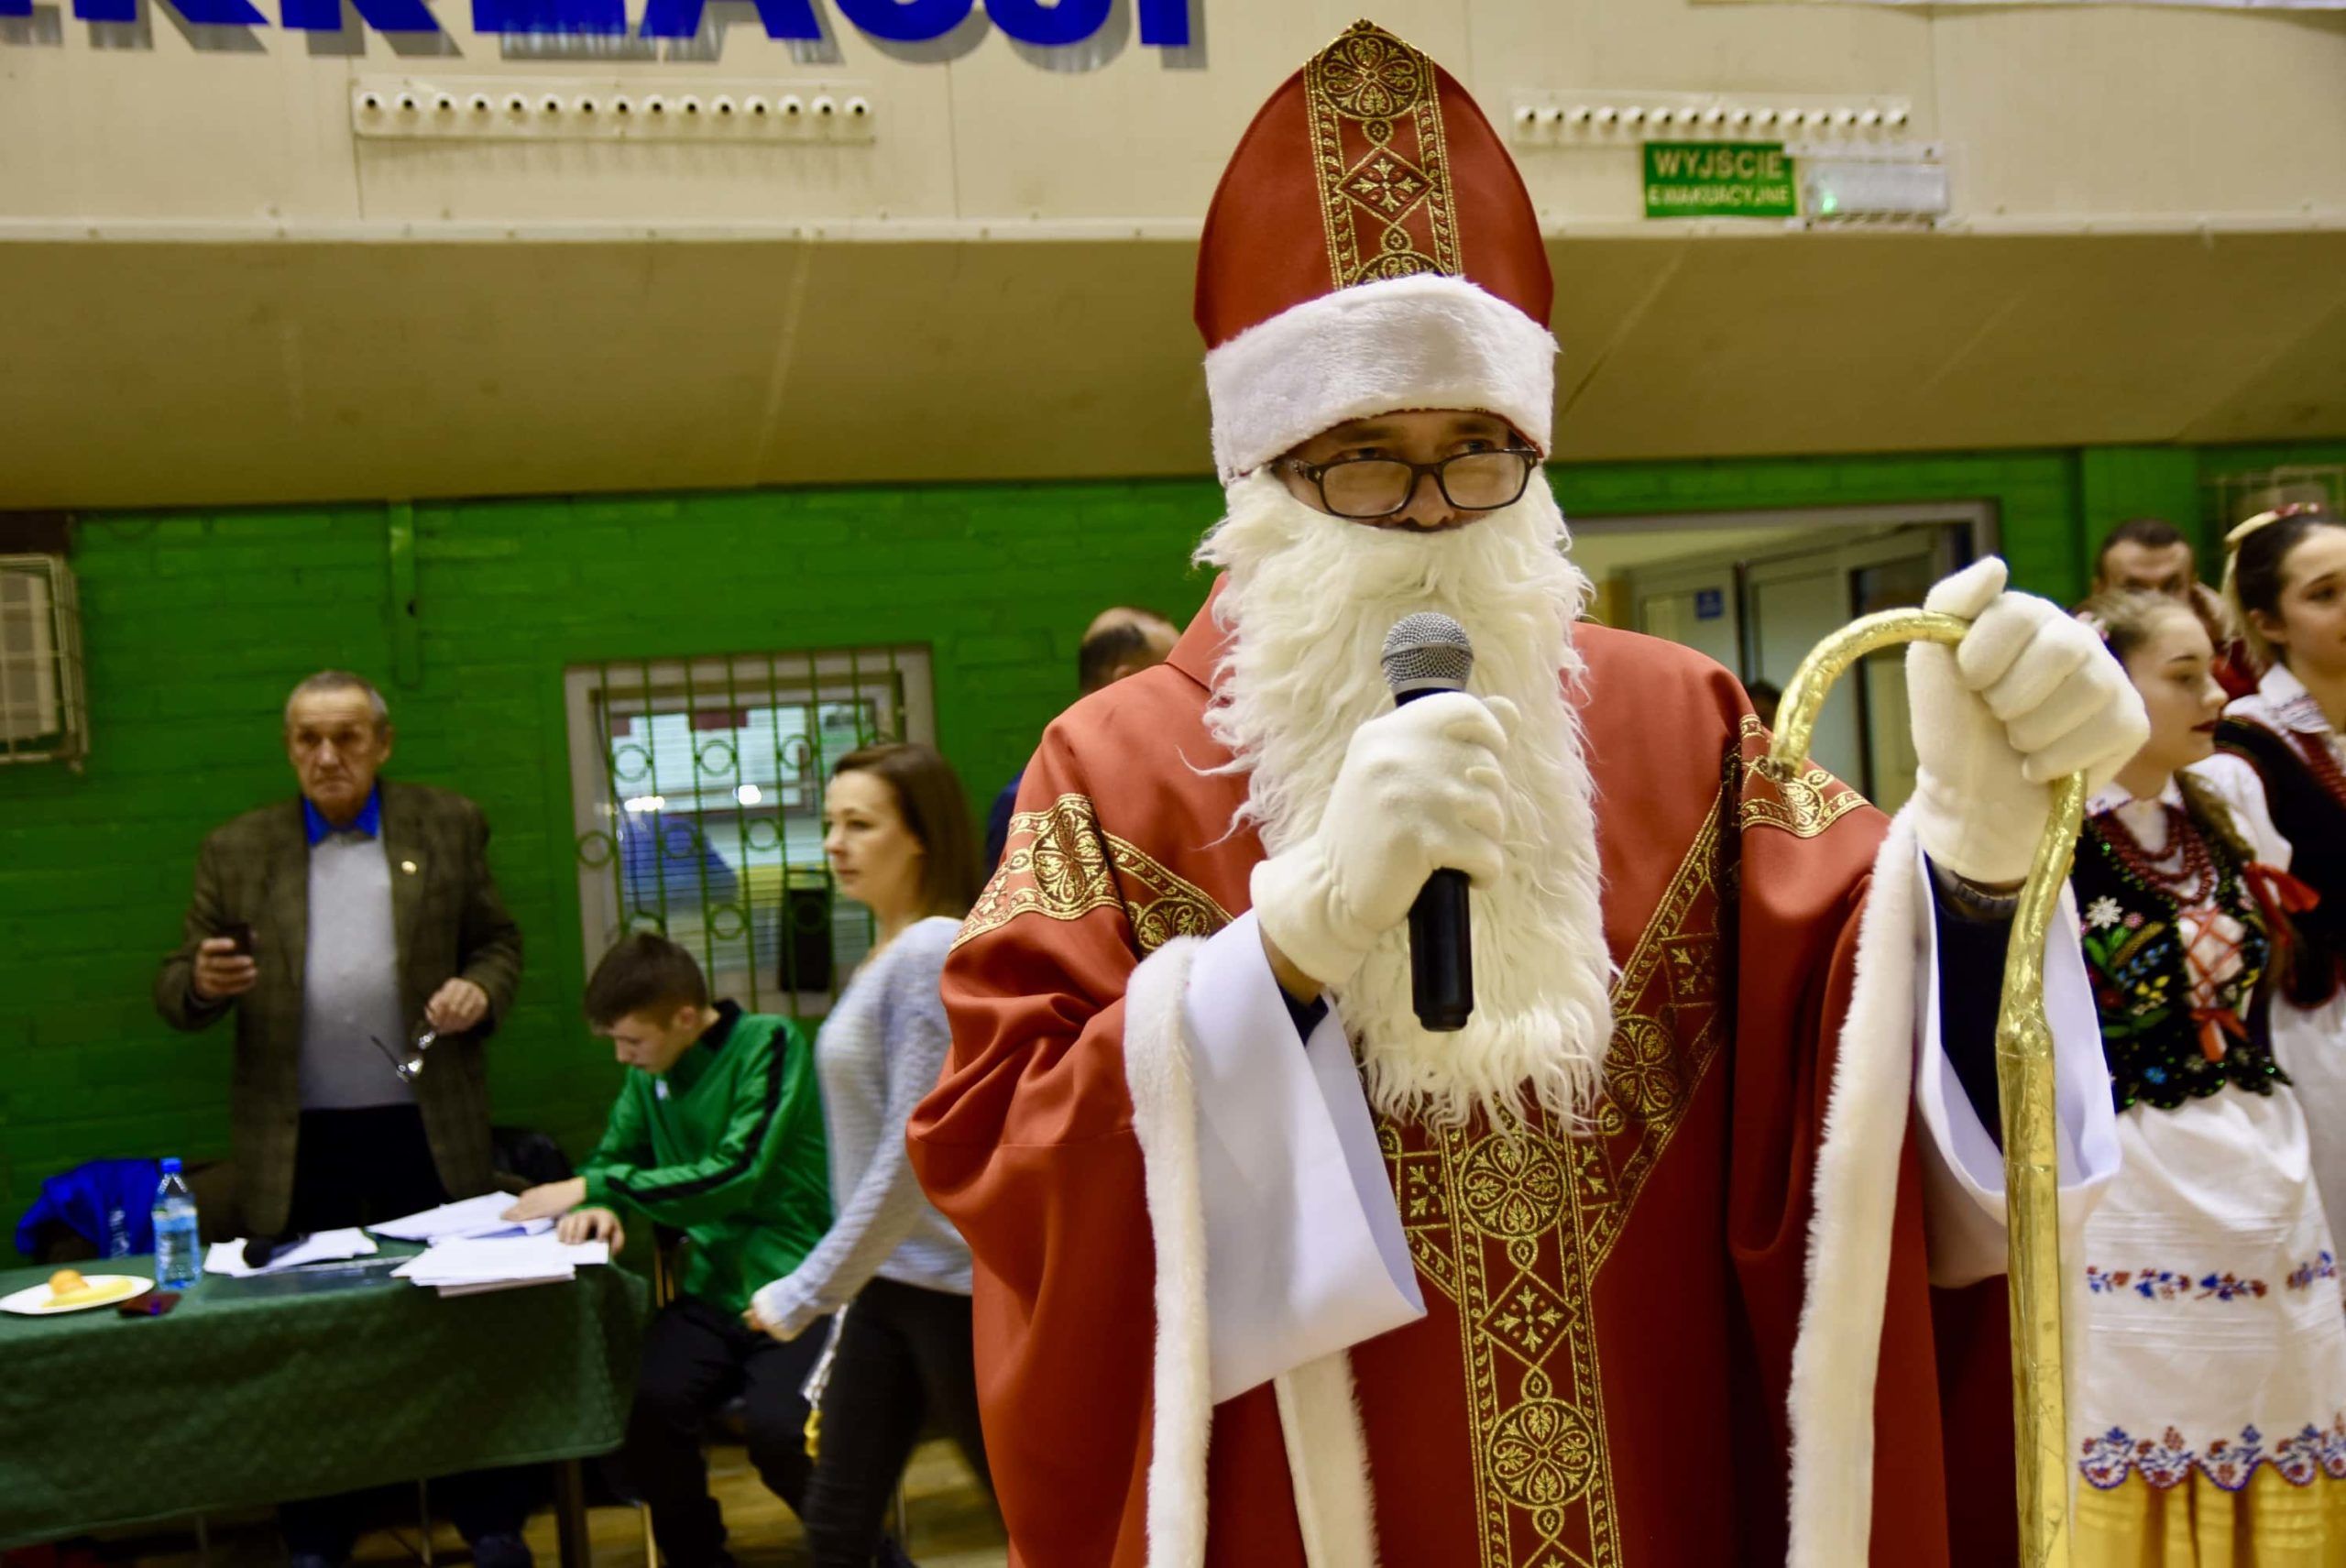 dsc 1128 scaled 1 Halówka z Mikołajem (dużo zdjęć)